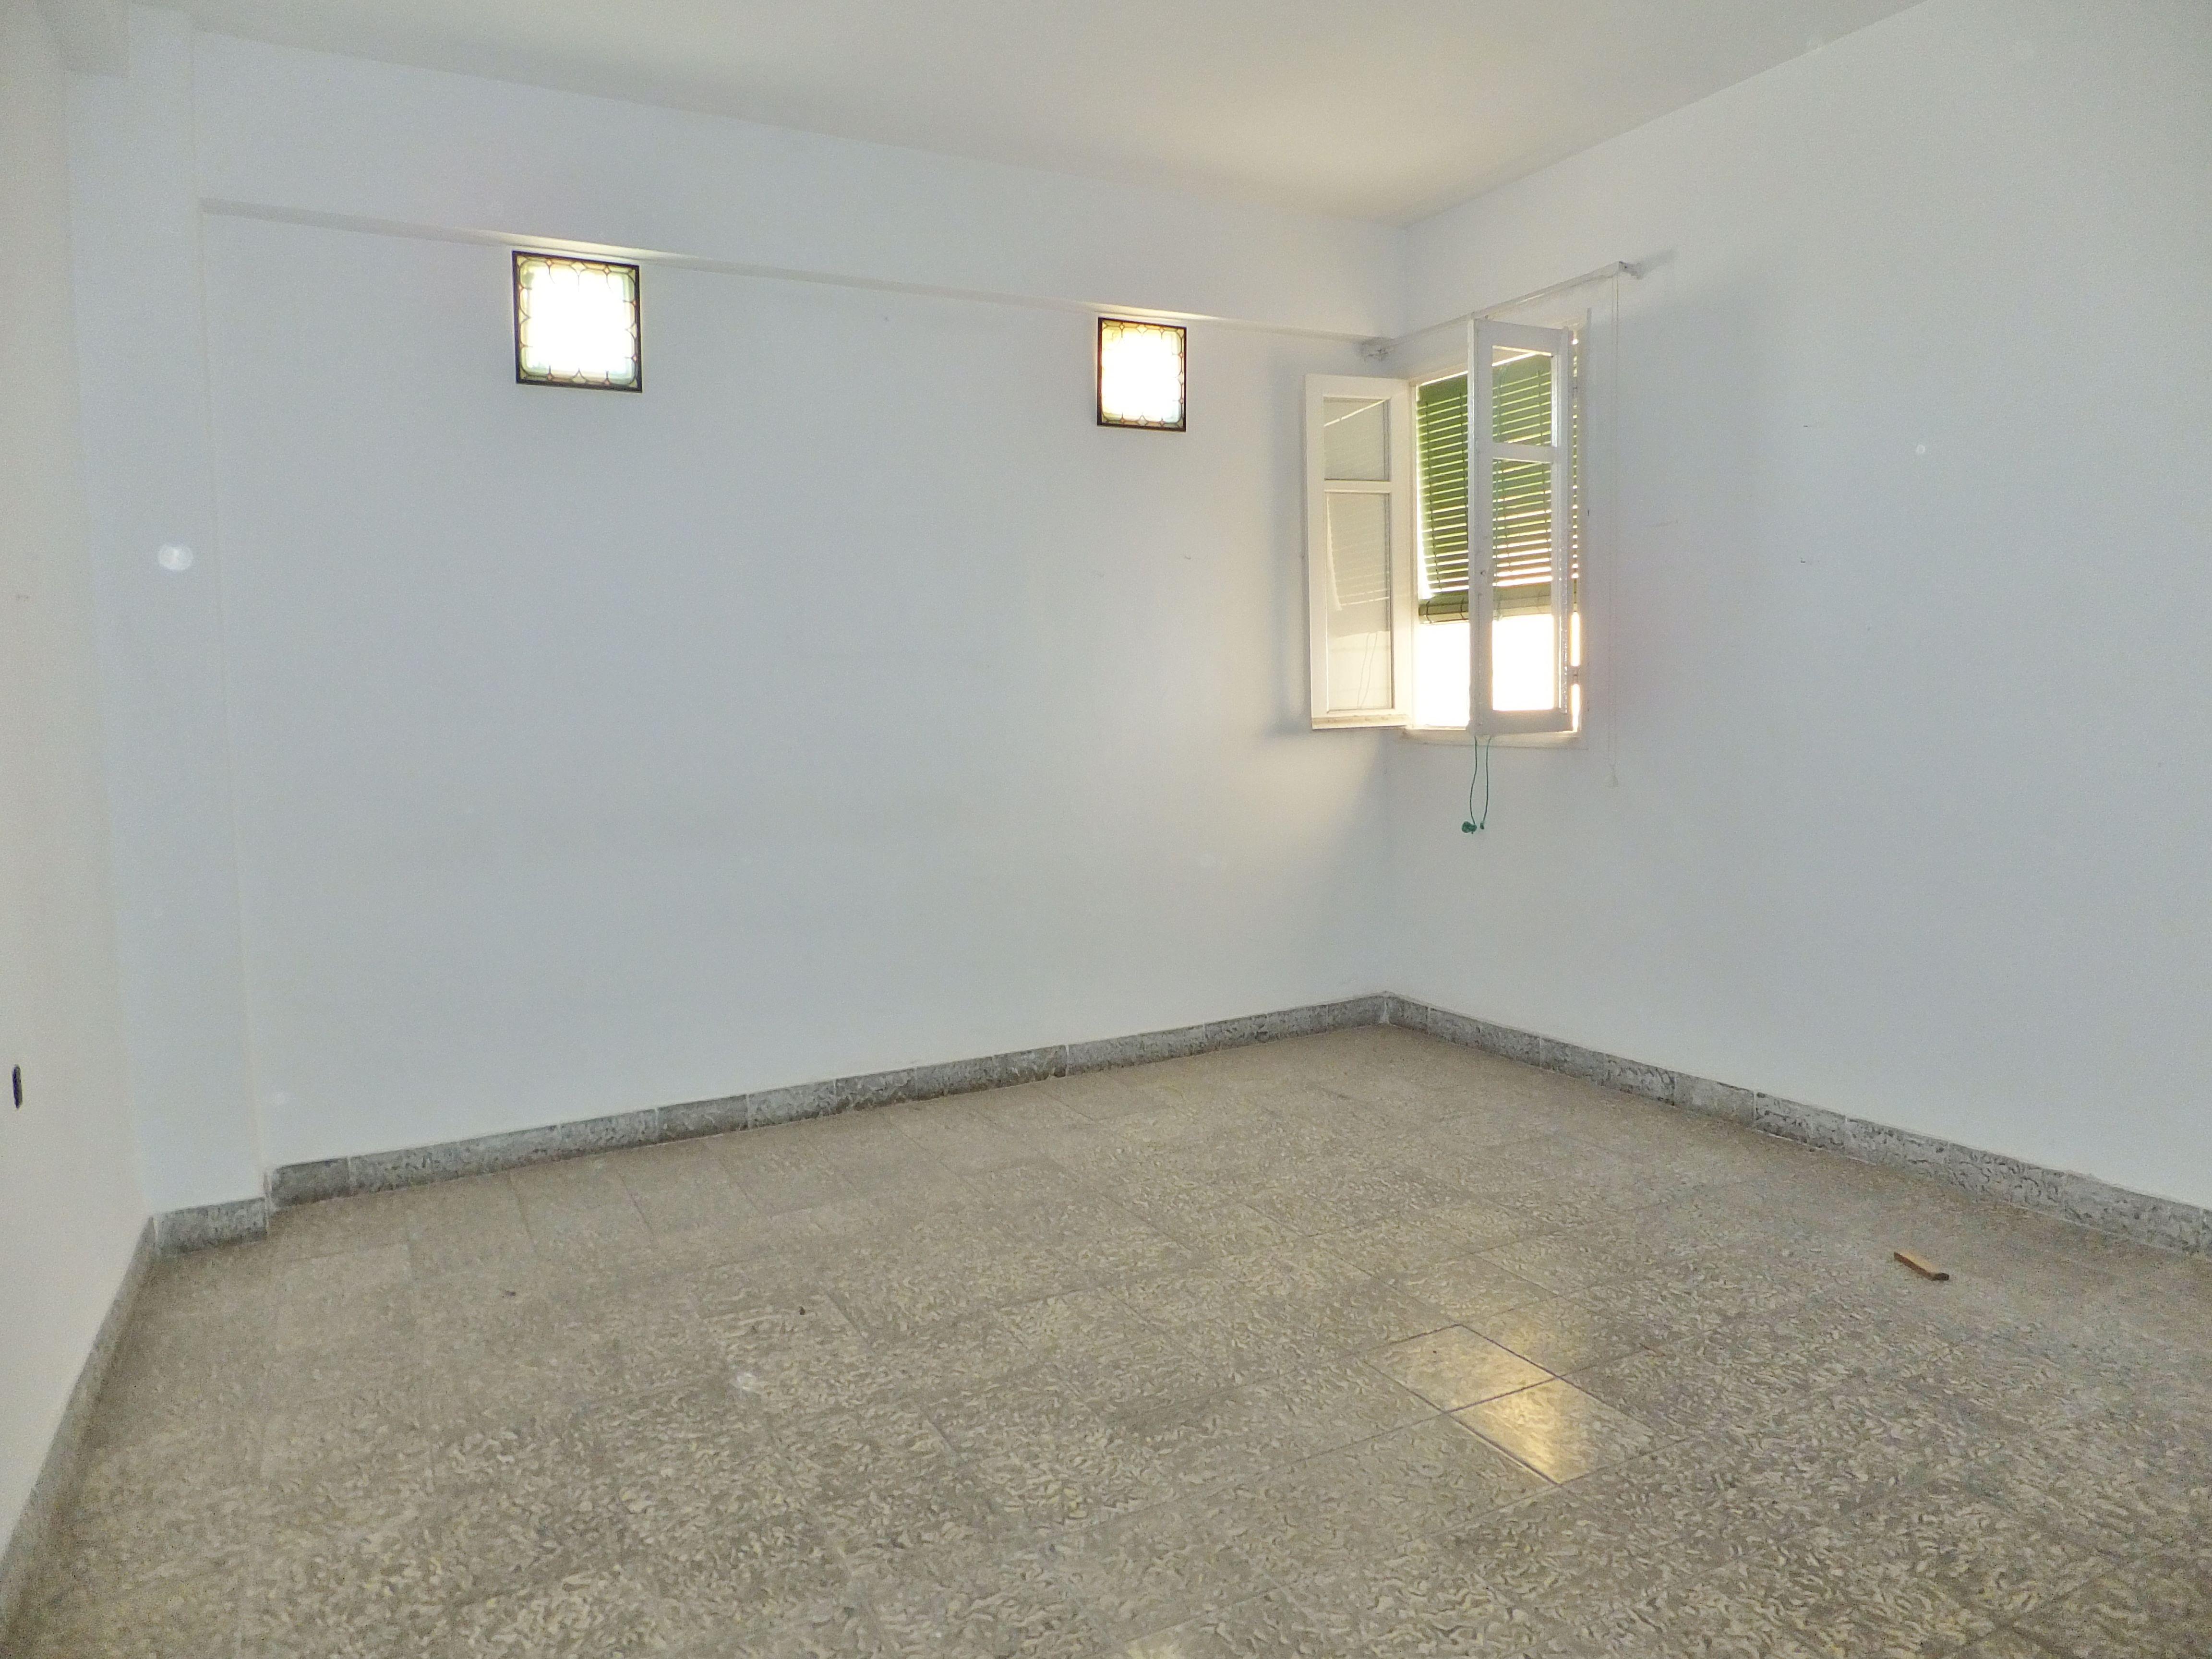 Dscf4312 inmobiliaria piquer for Oficina catastro almeria